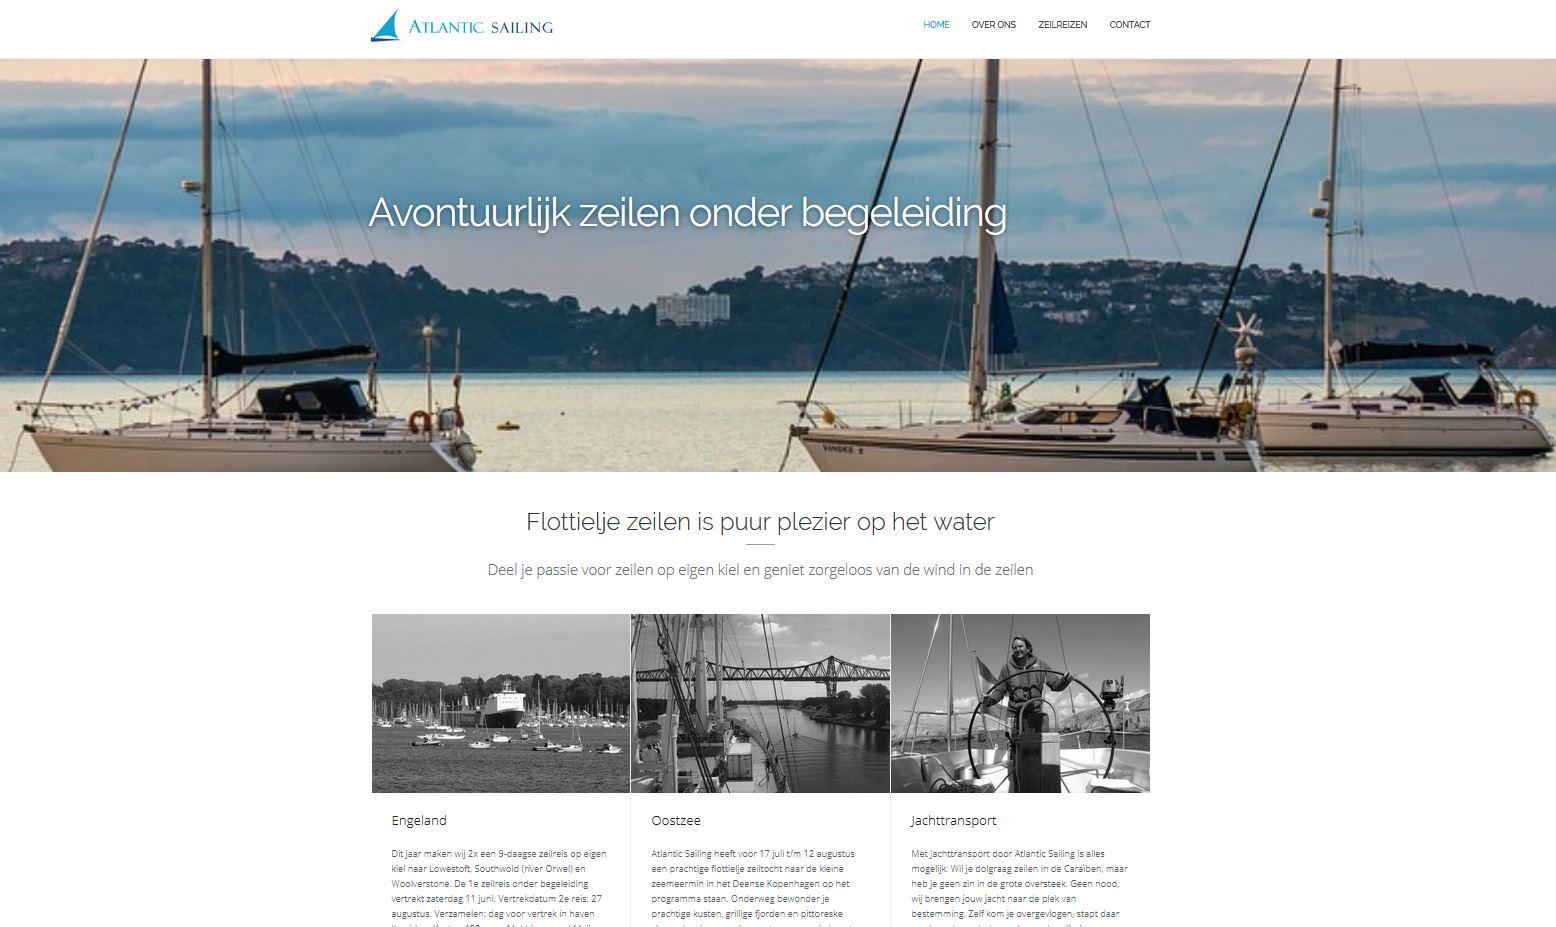 atlantic-sailing